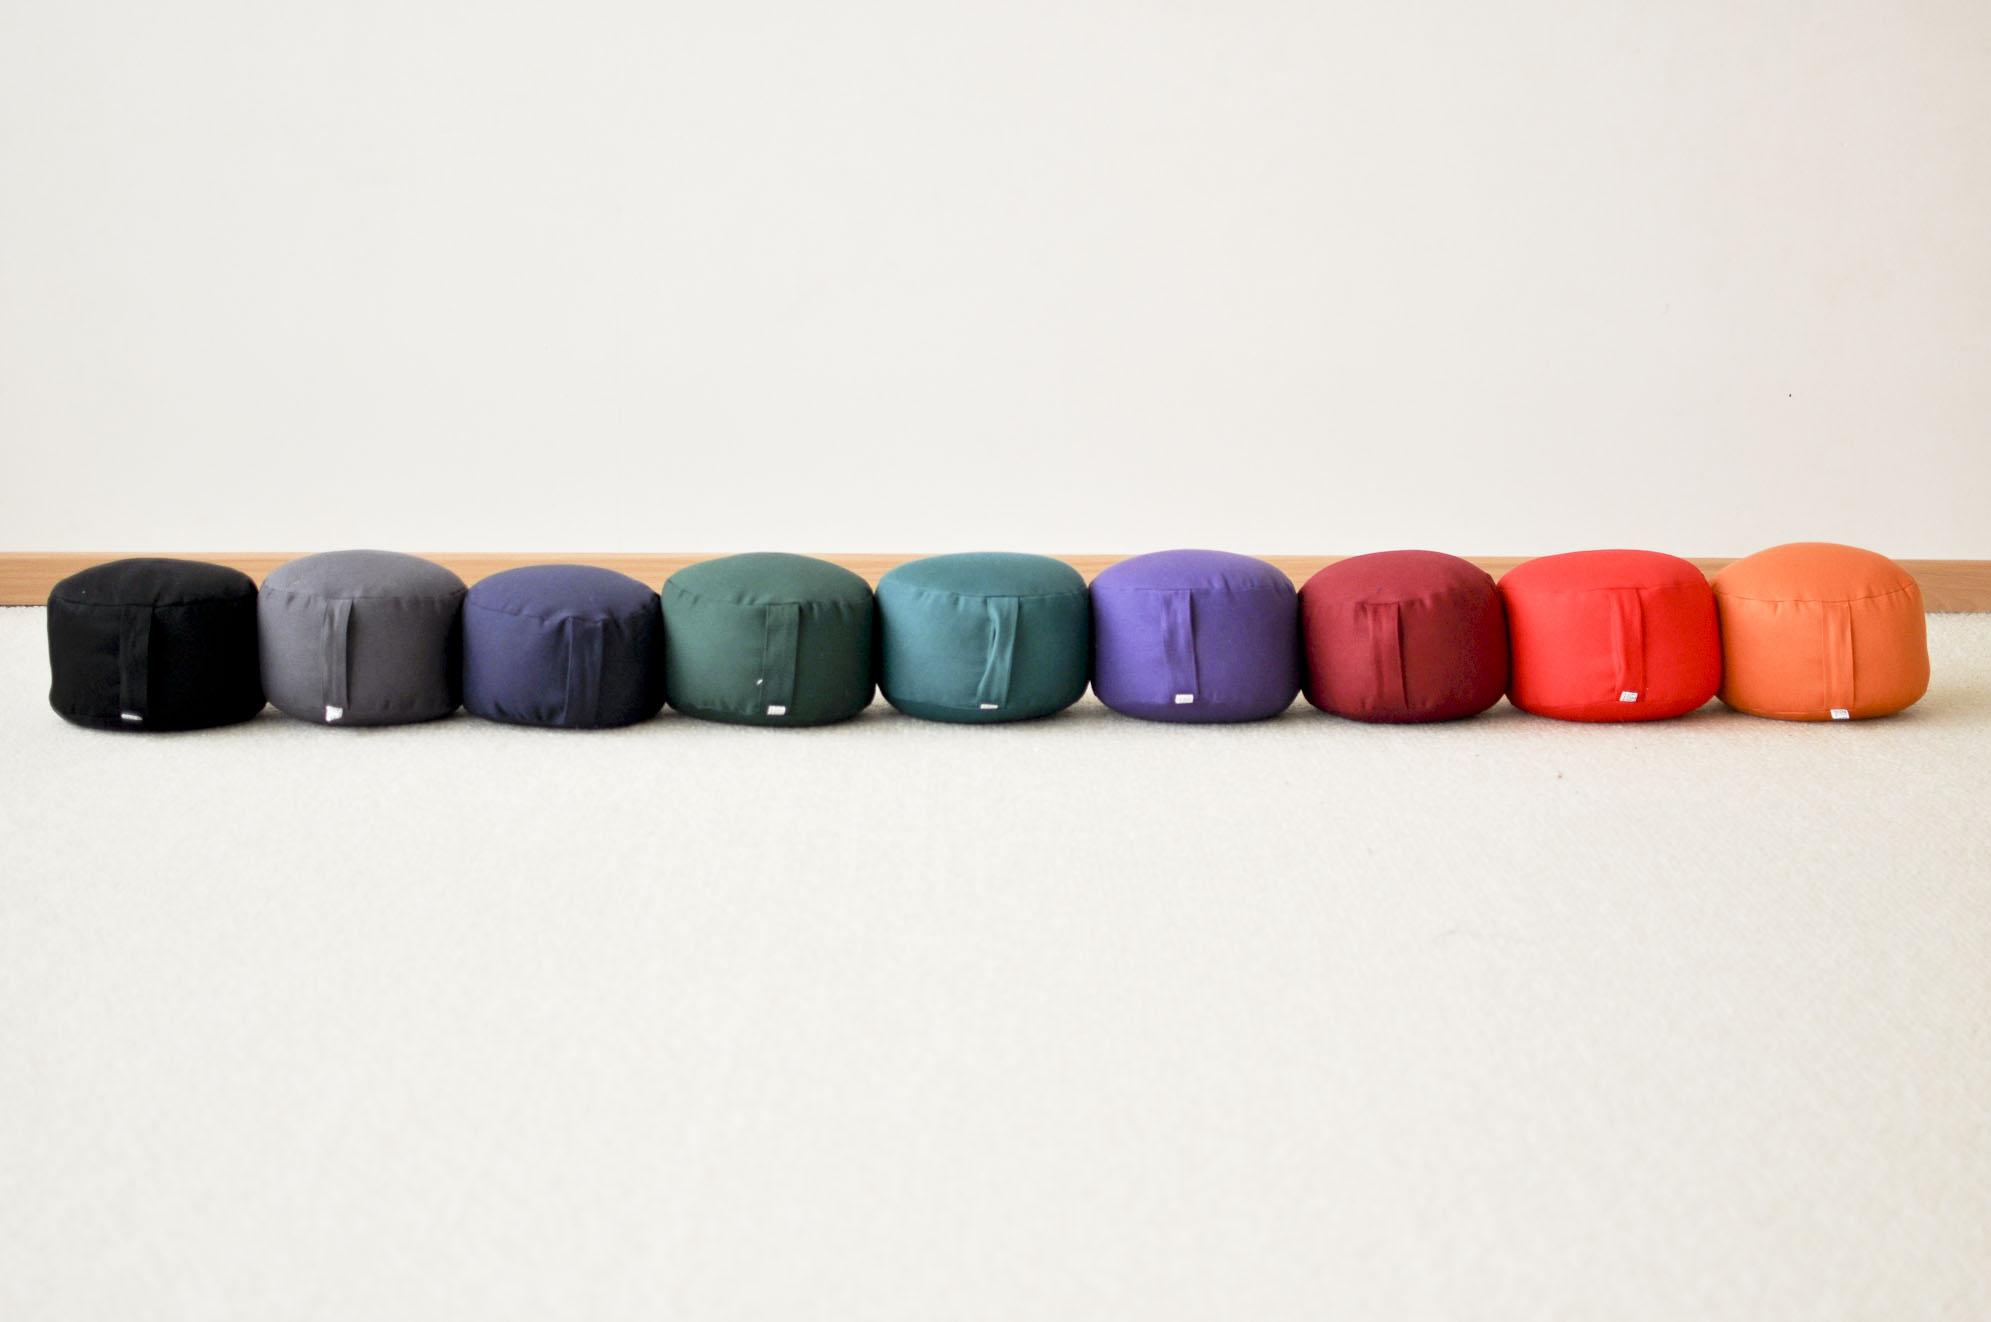 Une vaste gamme de coloris